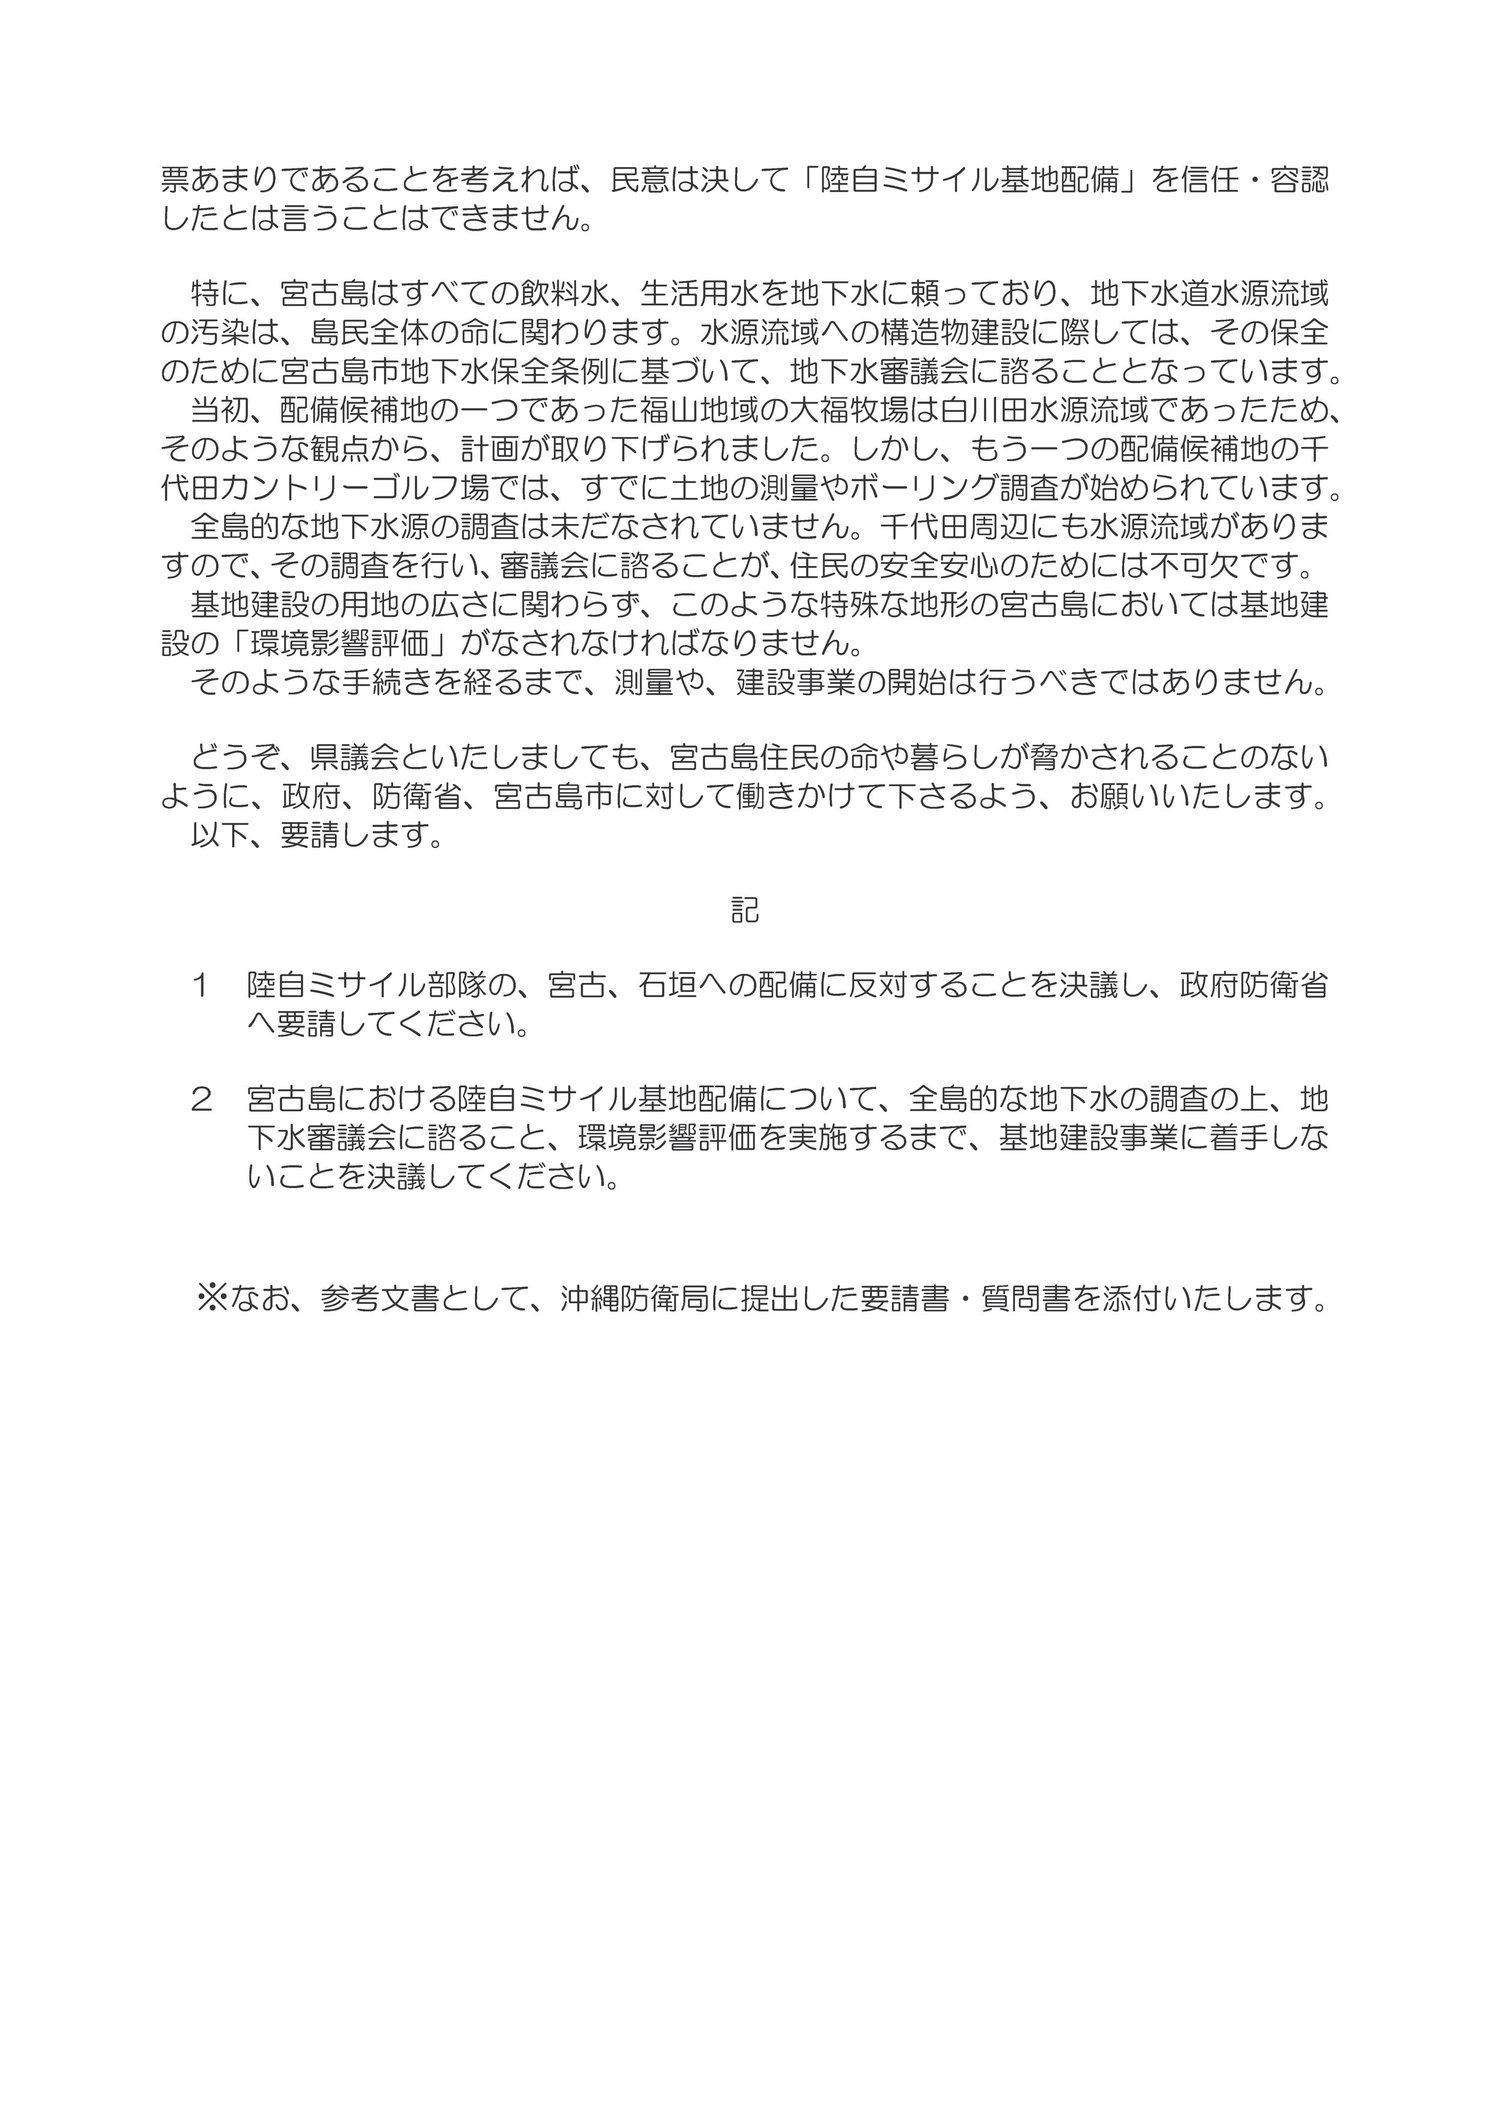 郡民の会沖縄県議会あて陳情書02